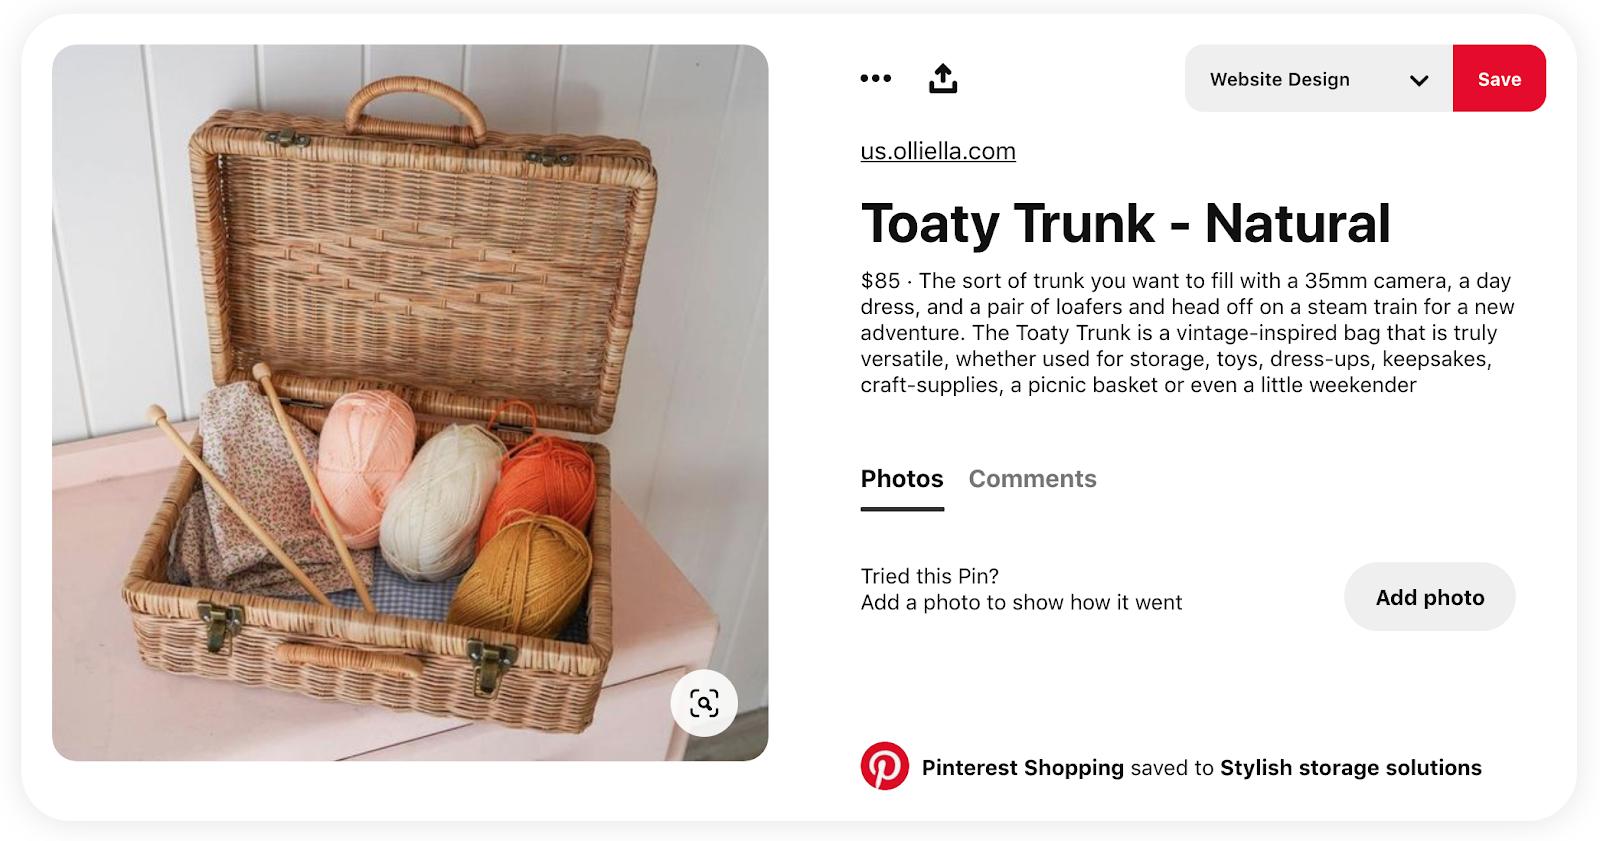 Ejemplo de producto en venta vía Pinterest